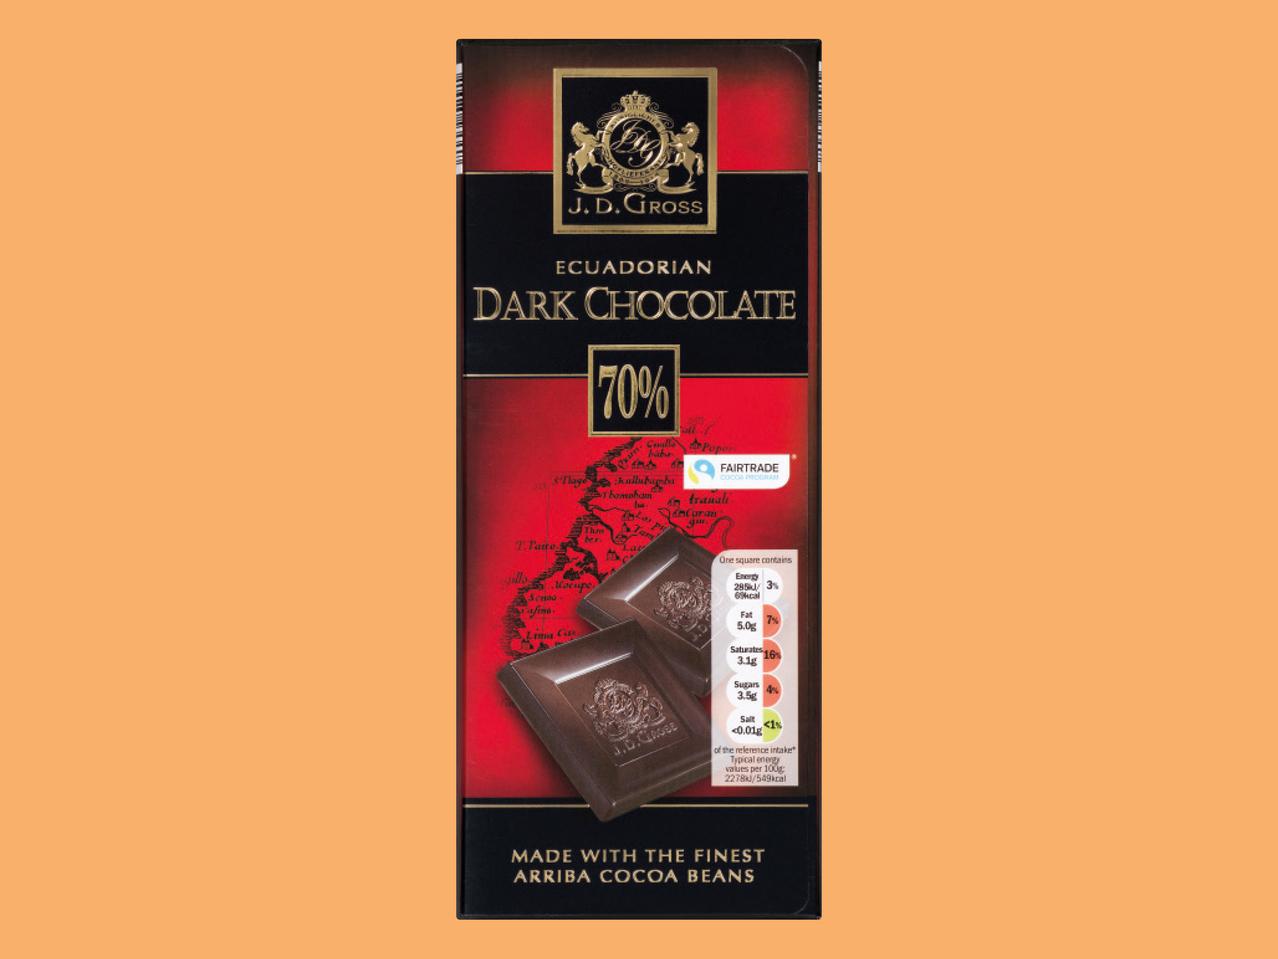 J.D Gross Fairtrade Dark Chocolate1 125g 64p @ Lidl